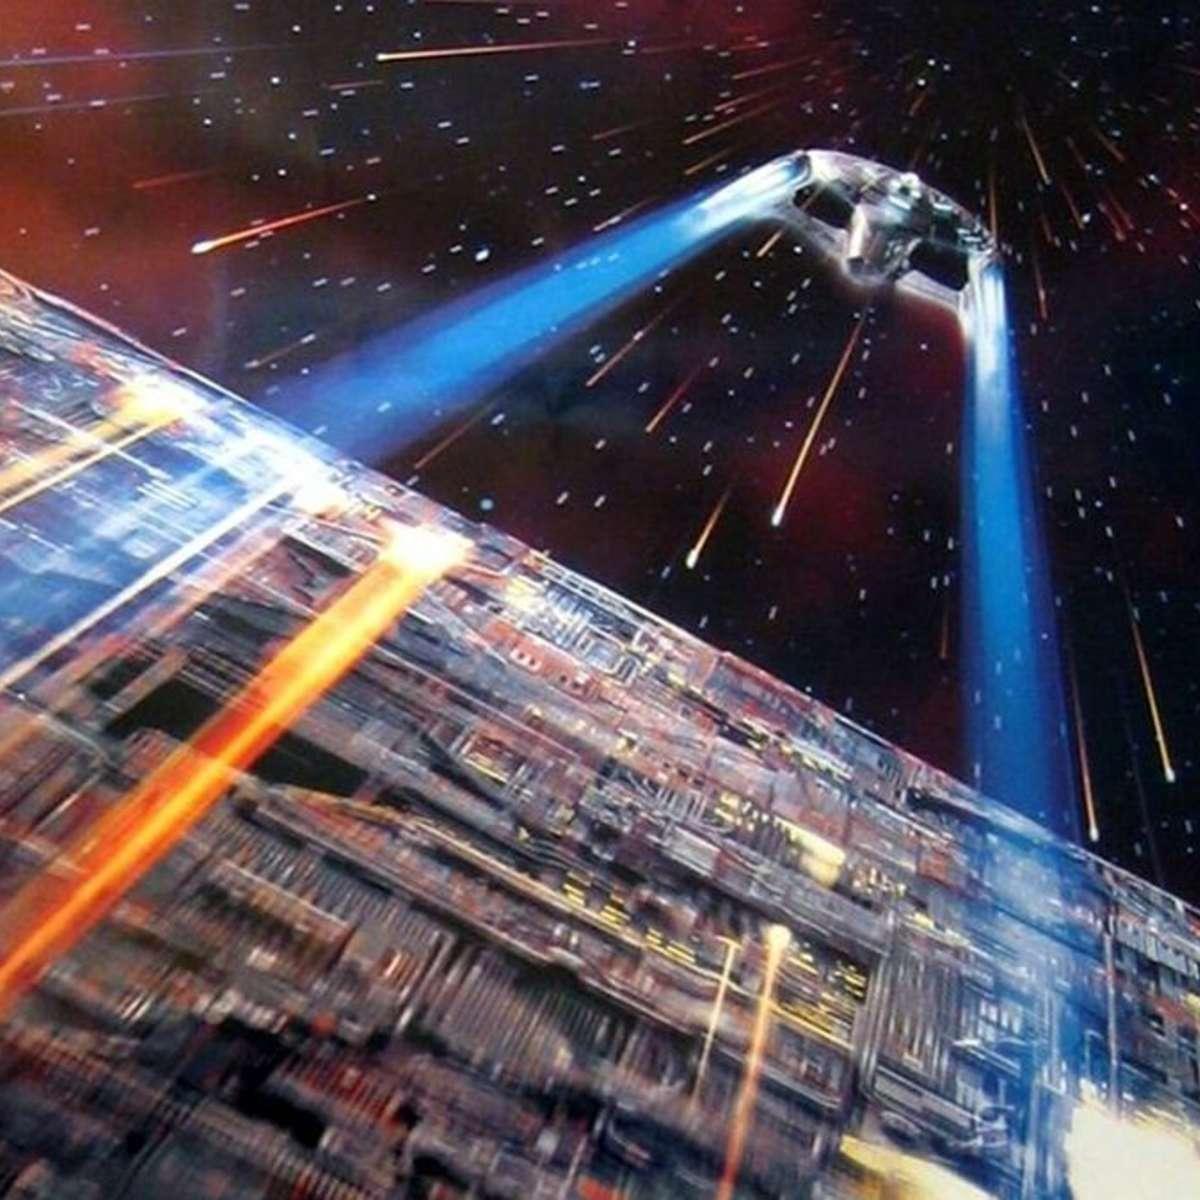 star-trek-first-contact-1200-1200-675-675-crop-000000.jpg